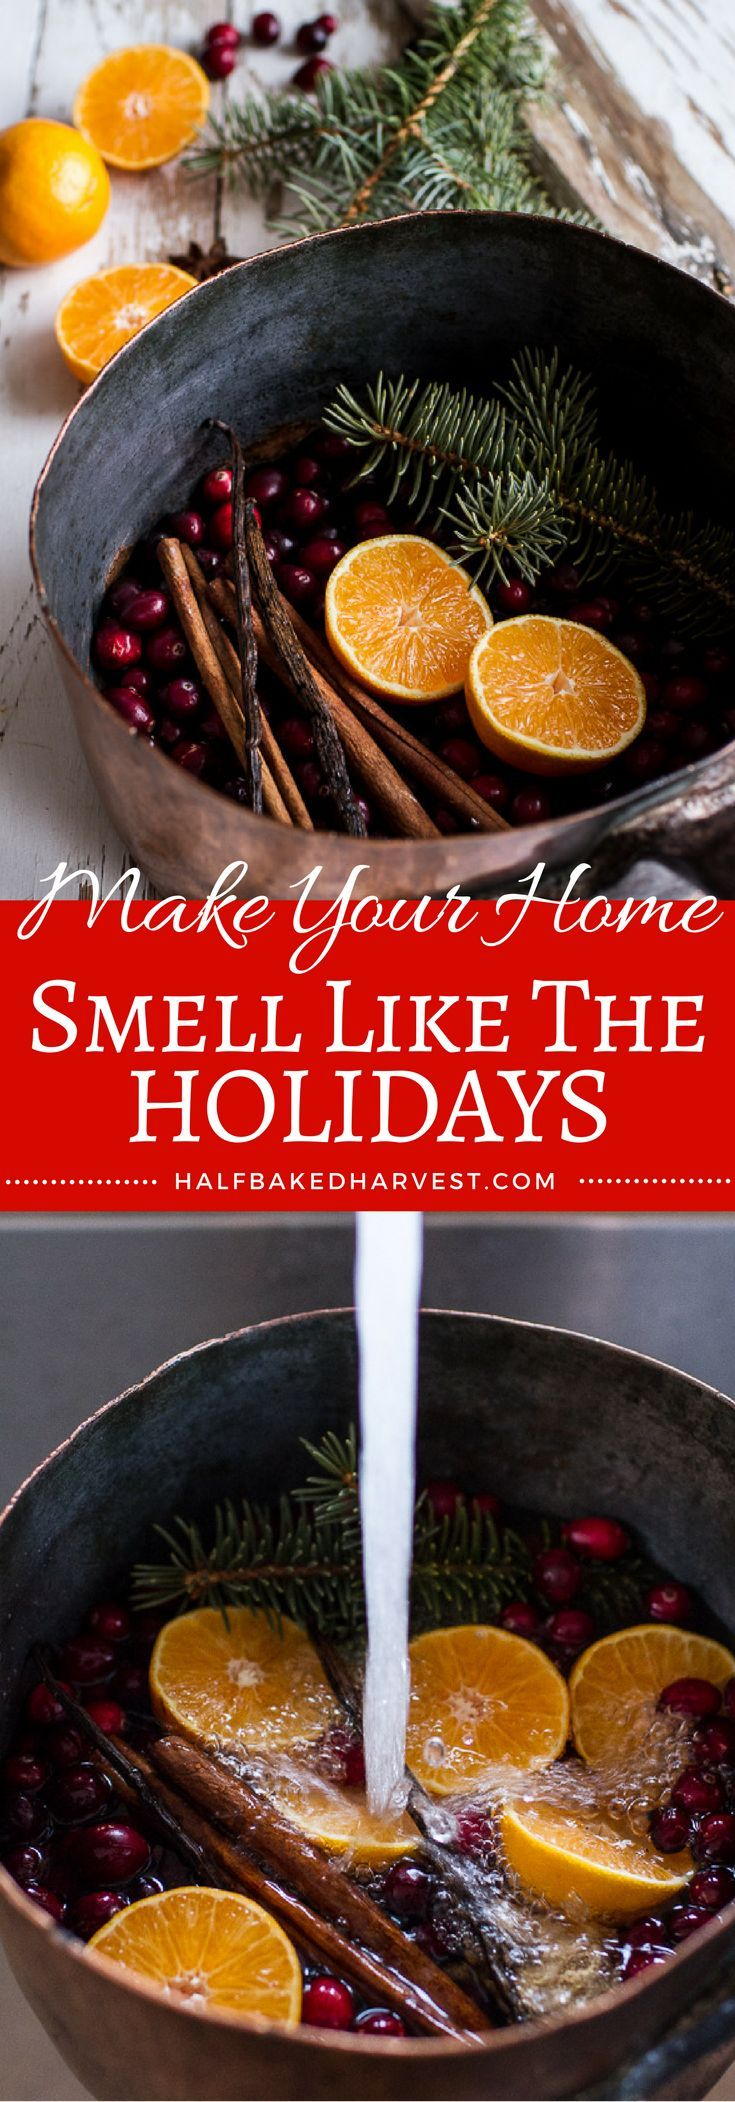 Homemade Holidays- Let's Make the House Smell Like Christmas | http://halfbakedharvest.com /hbharvest/